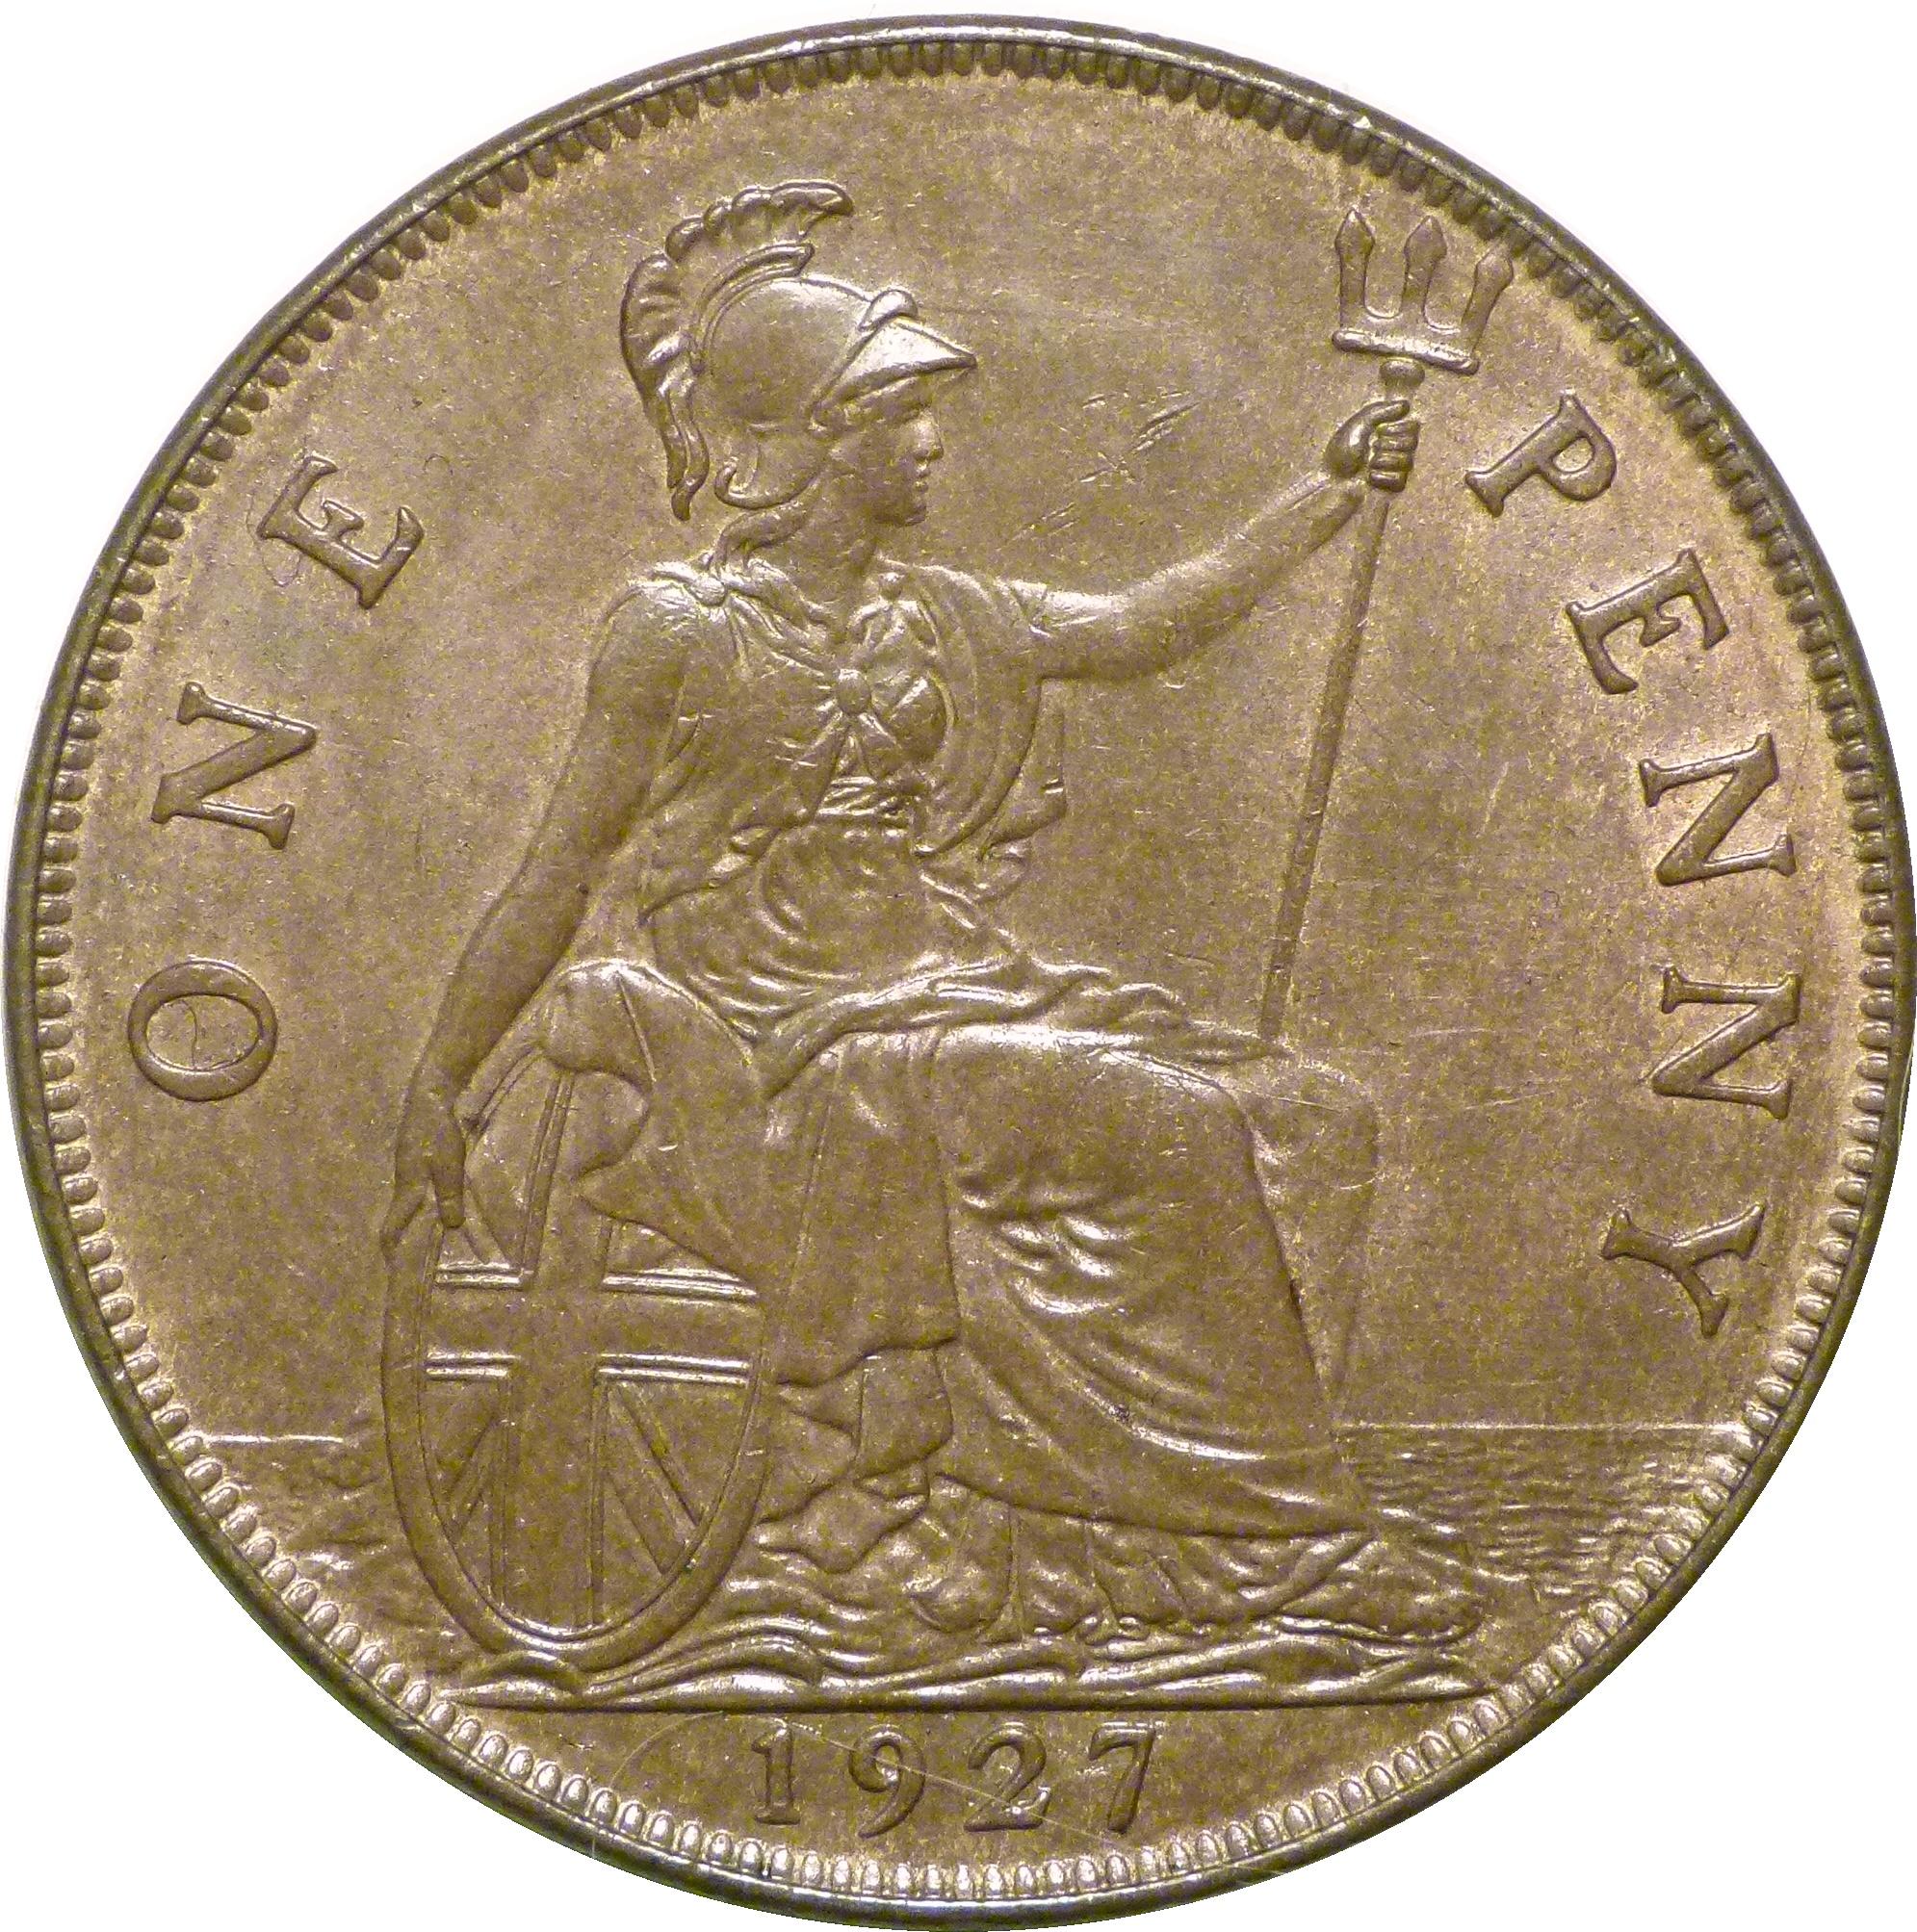 1927 Penny, gEF, George V, Freeman 197